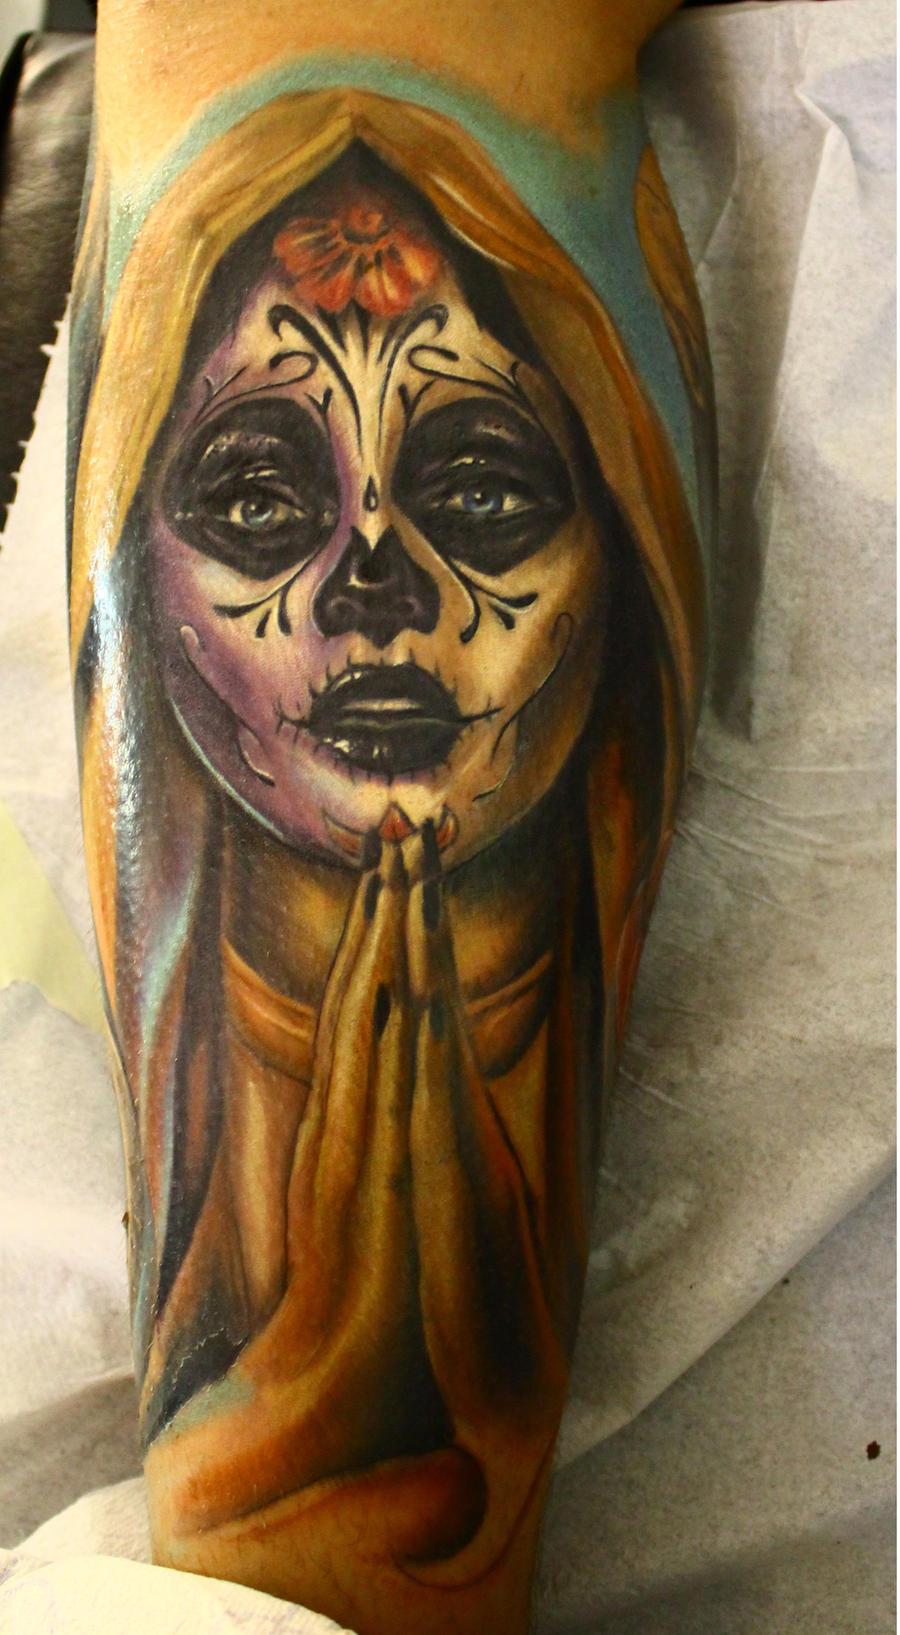 Dia de los muertos by proki on deviantart for Dia de muertos tattoos